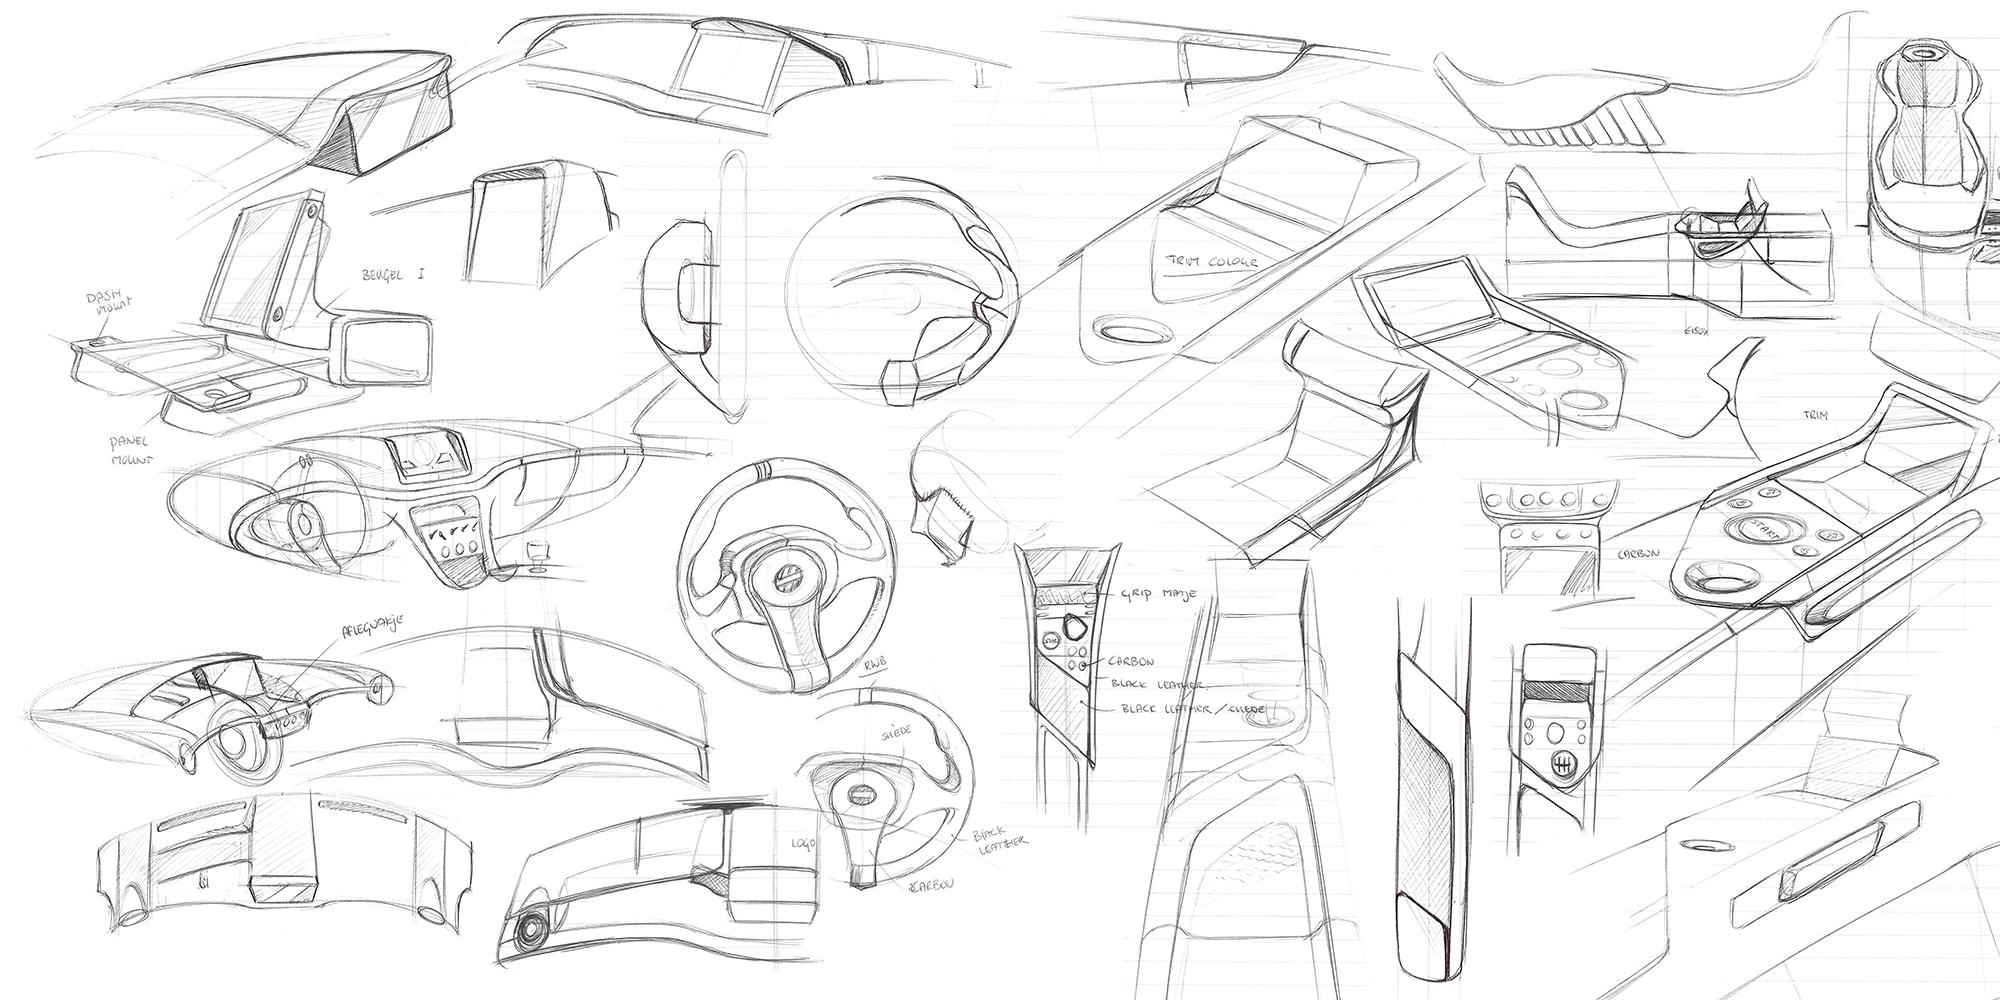 Vencer Sarthe Interior Sketch Study